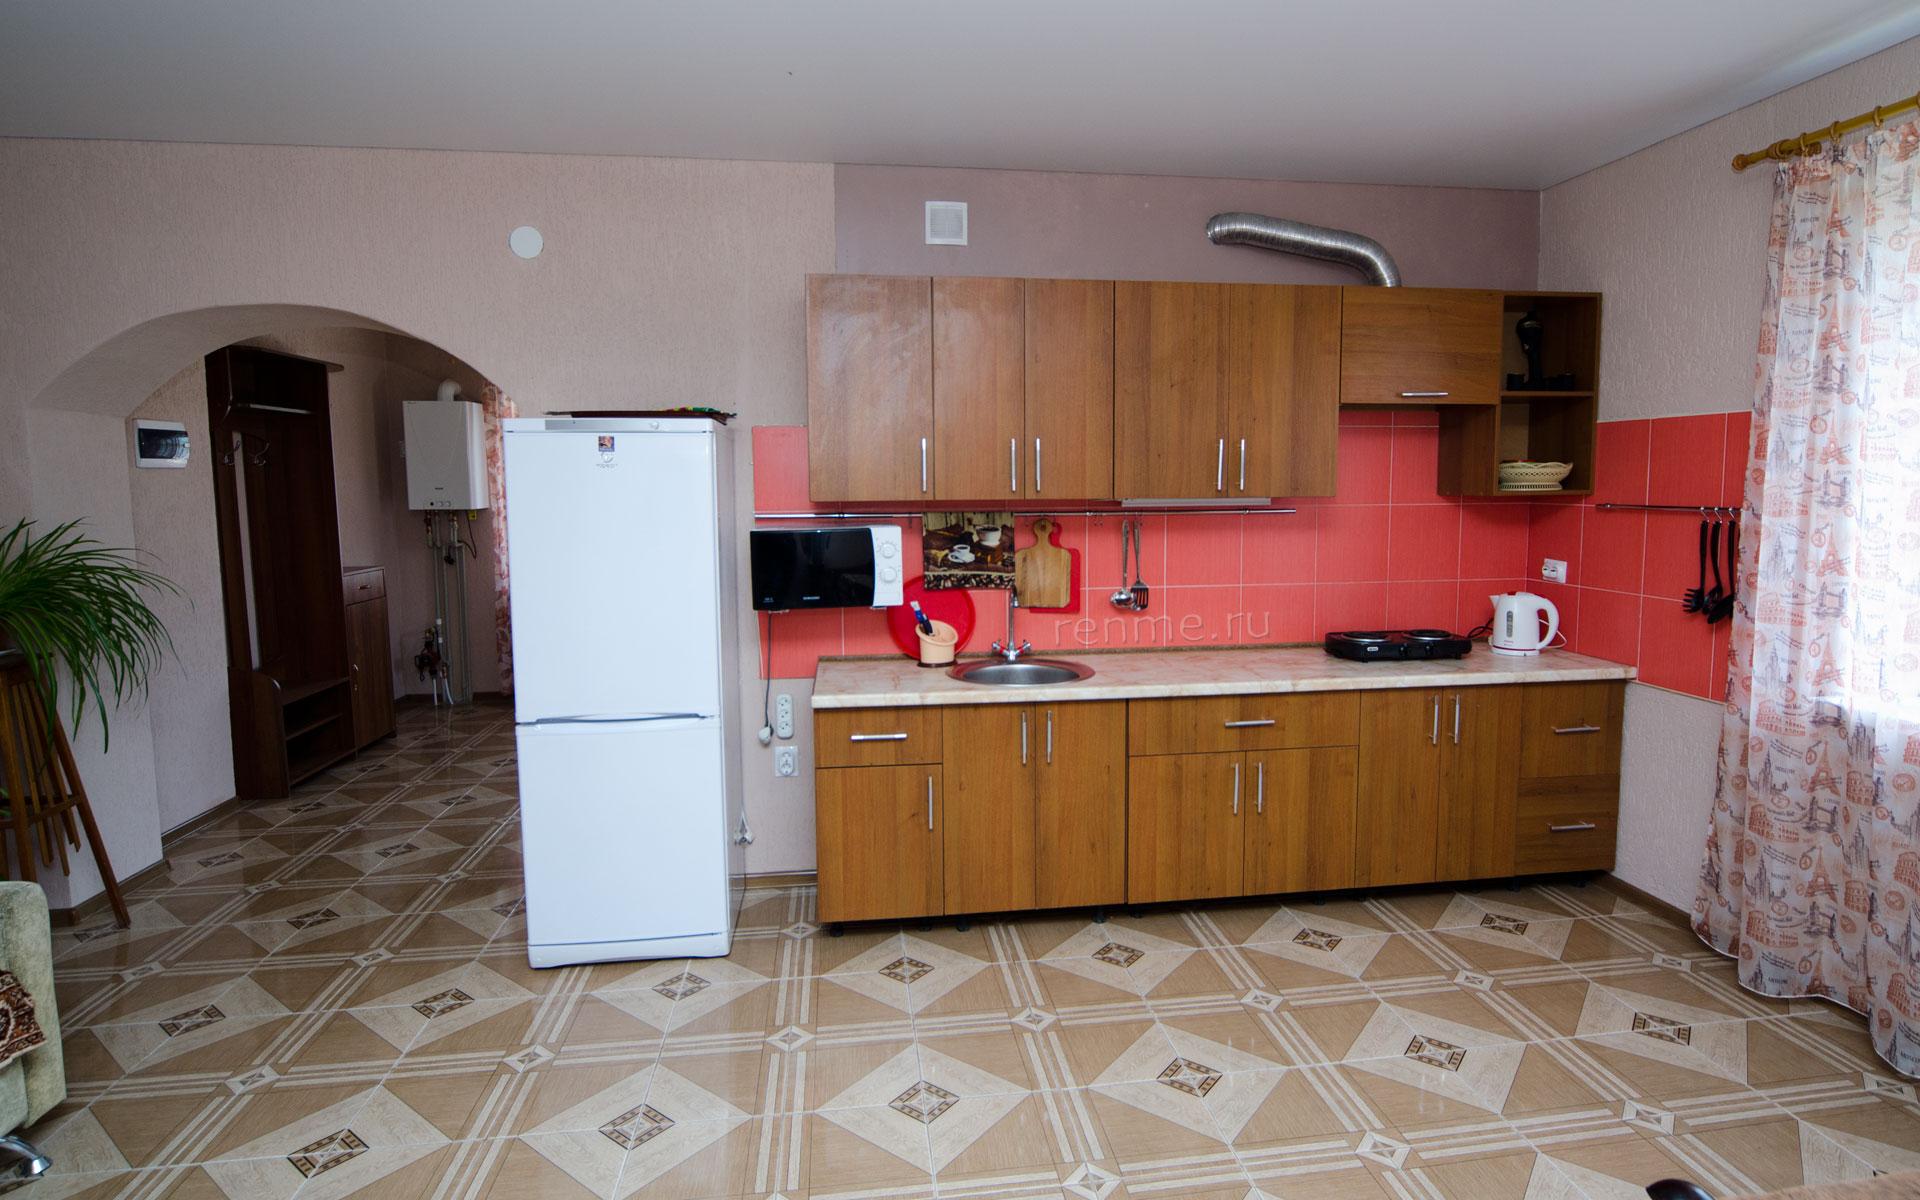 Кухня. Двухкомнатная квартира-студия на первом этаже. Апарт-отель на ул. Гайдара. Заозёрное